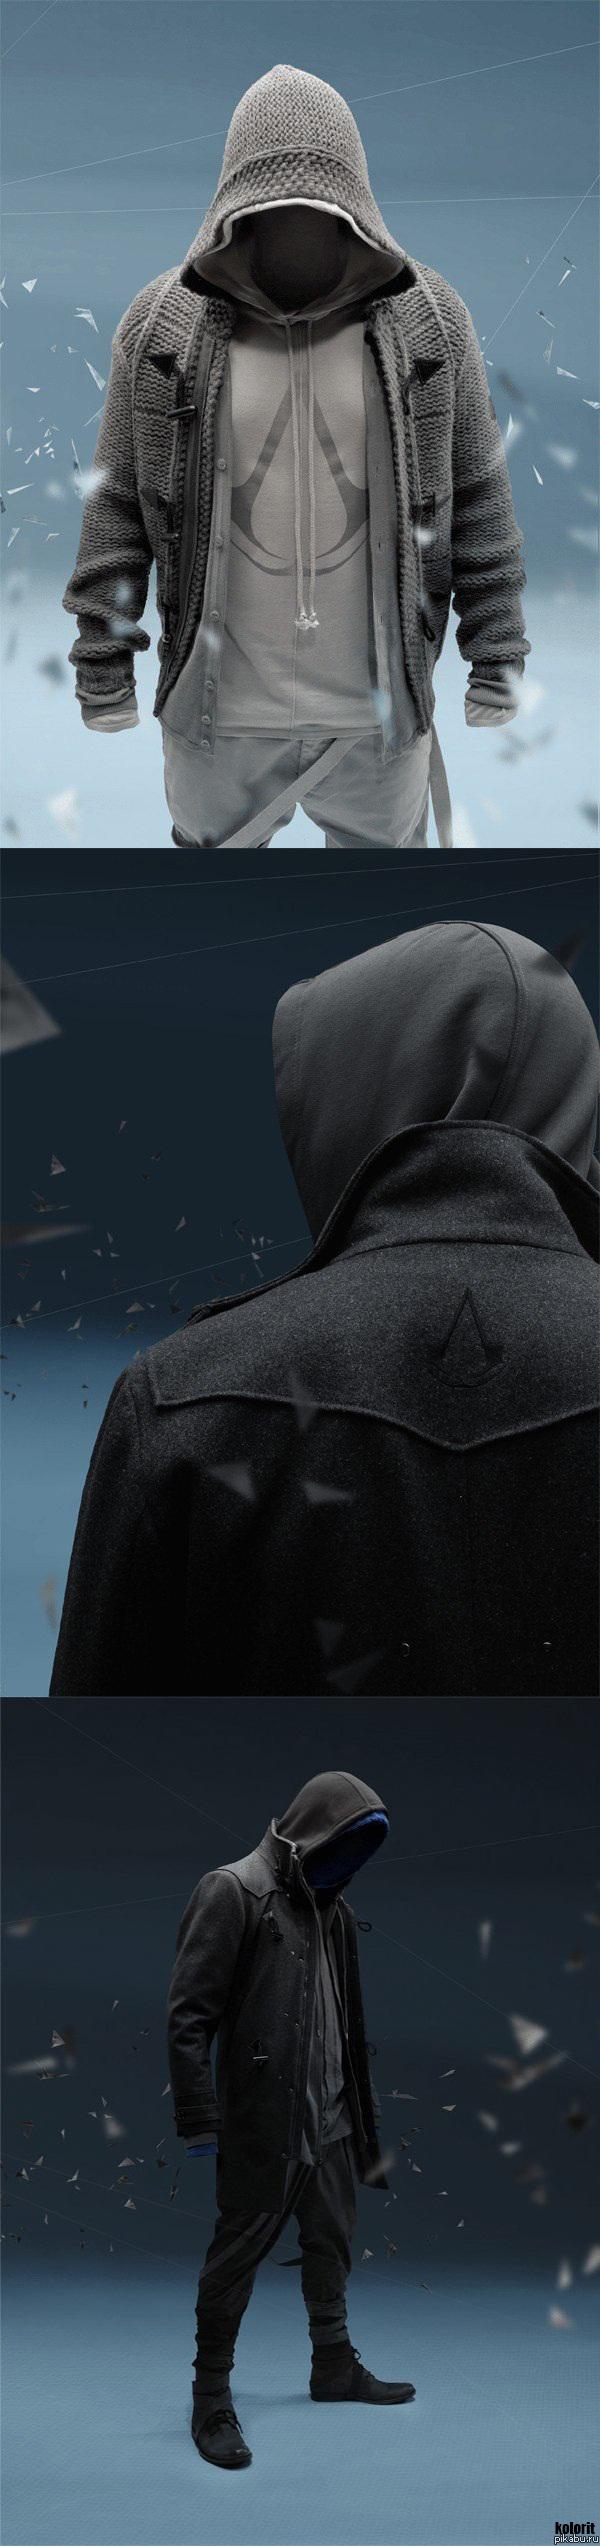 Остерегайтесь Ассассинов! Ubisoft официально запустила линейку одежды по франчайзу Assassin's Creed.